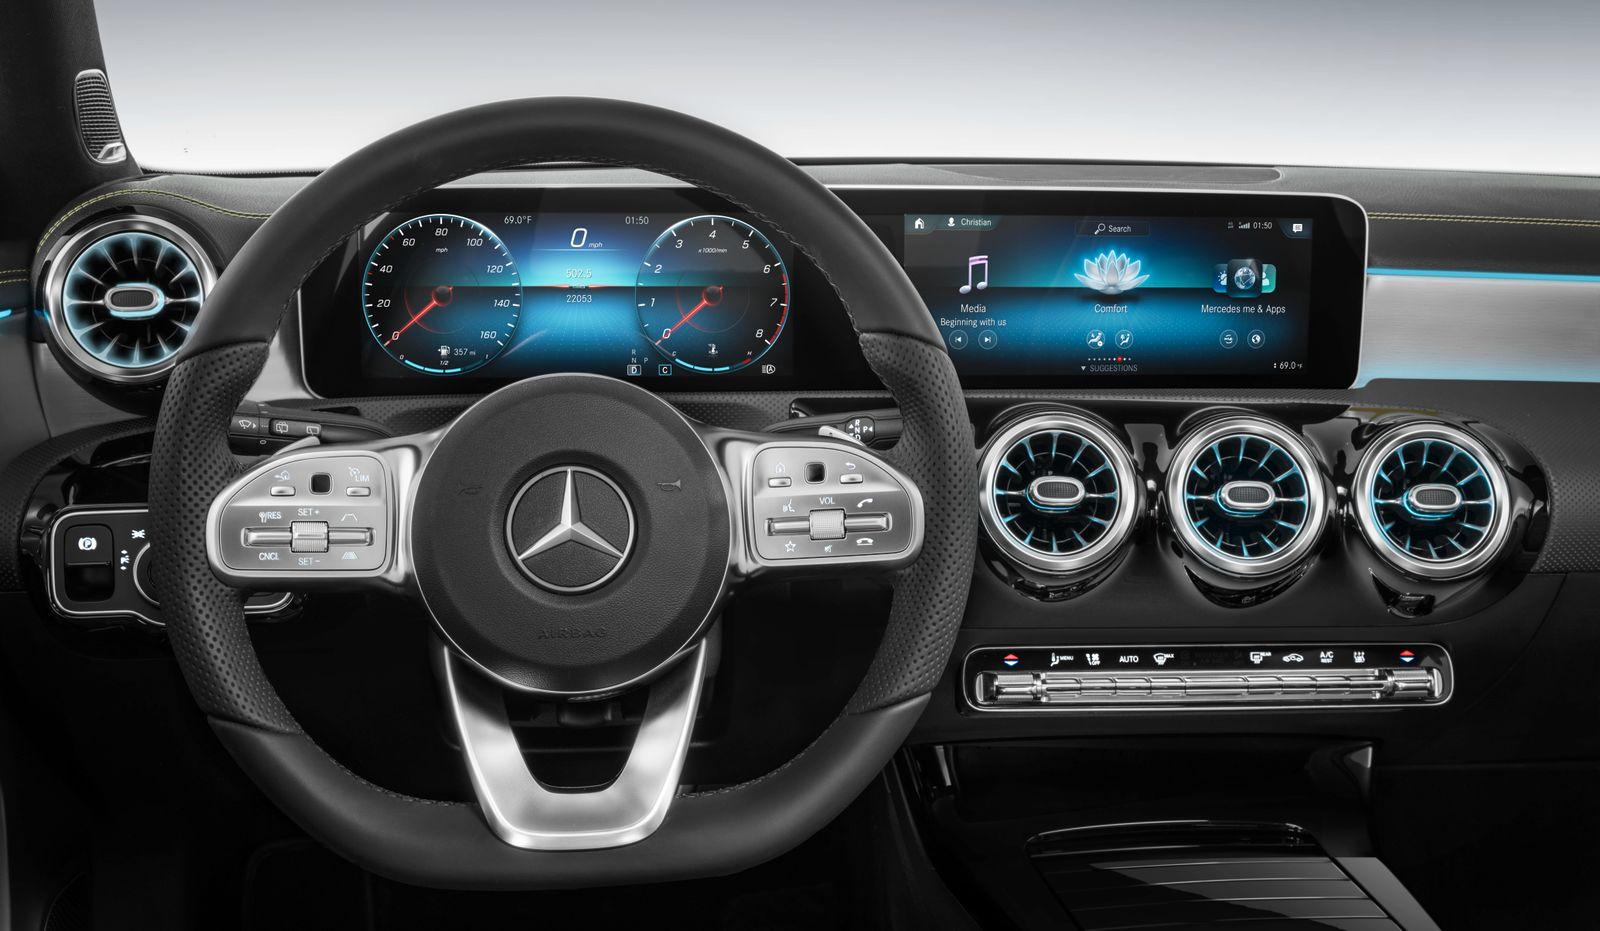 Mercedes-Benz A-Klasse (W177) 2018 Mercedes-Benz A-Class (W177) 2018